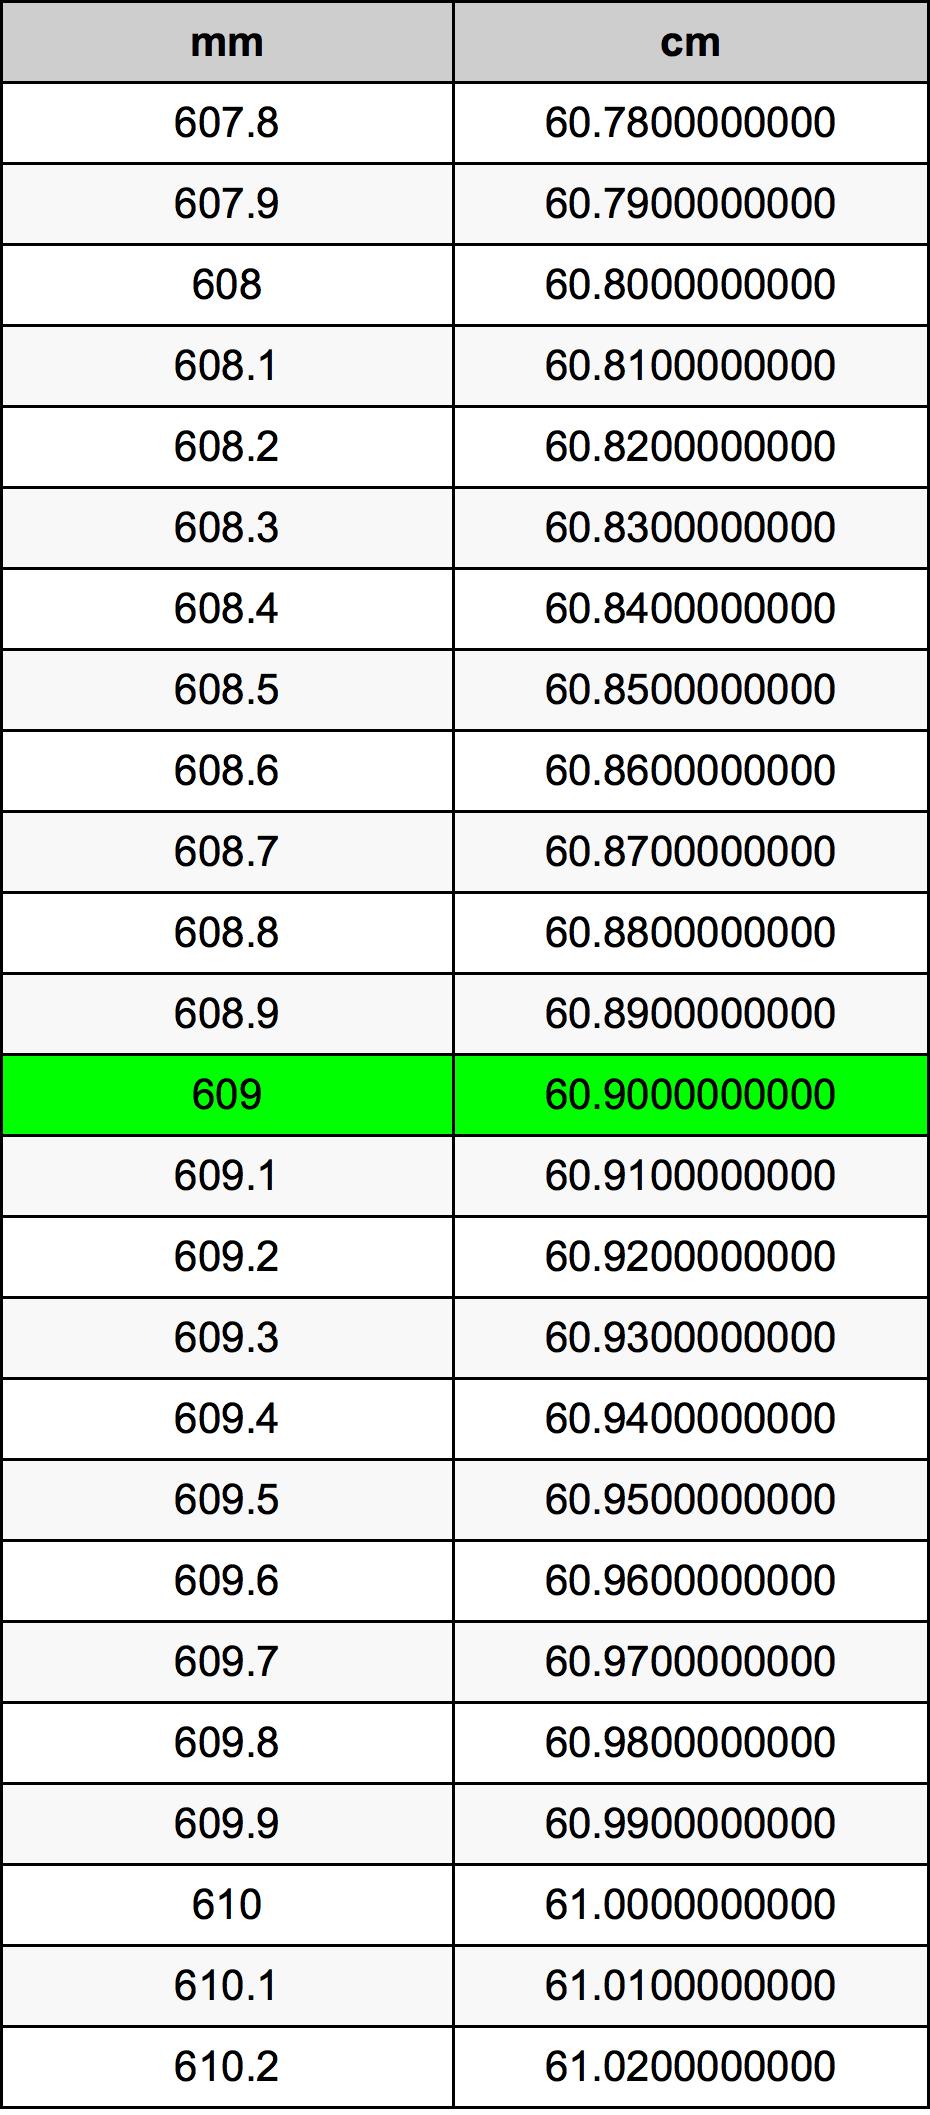 609ミリメートルをセンチメートル単位変換 | 609mmをcm単位変換